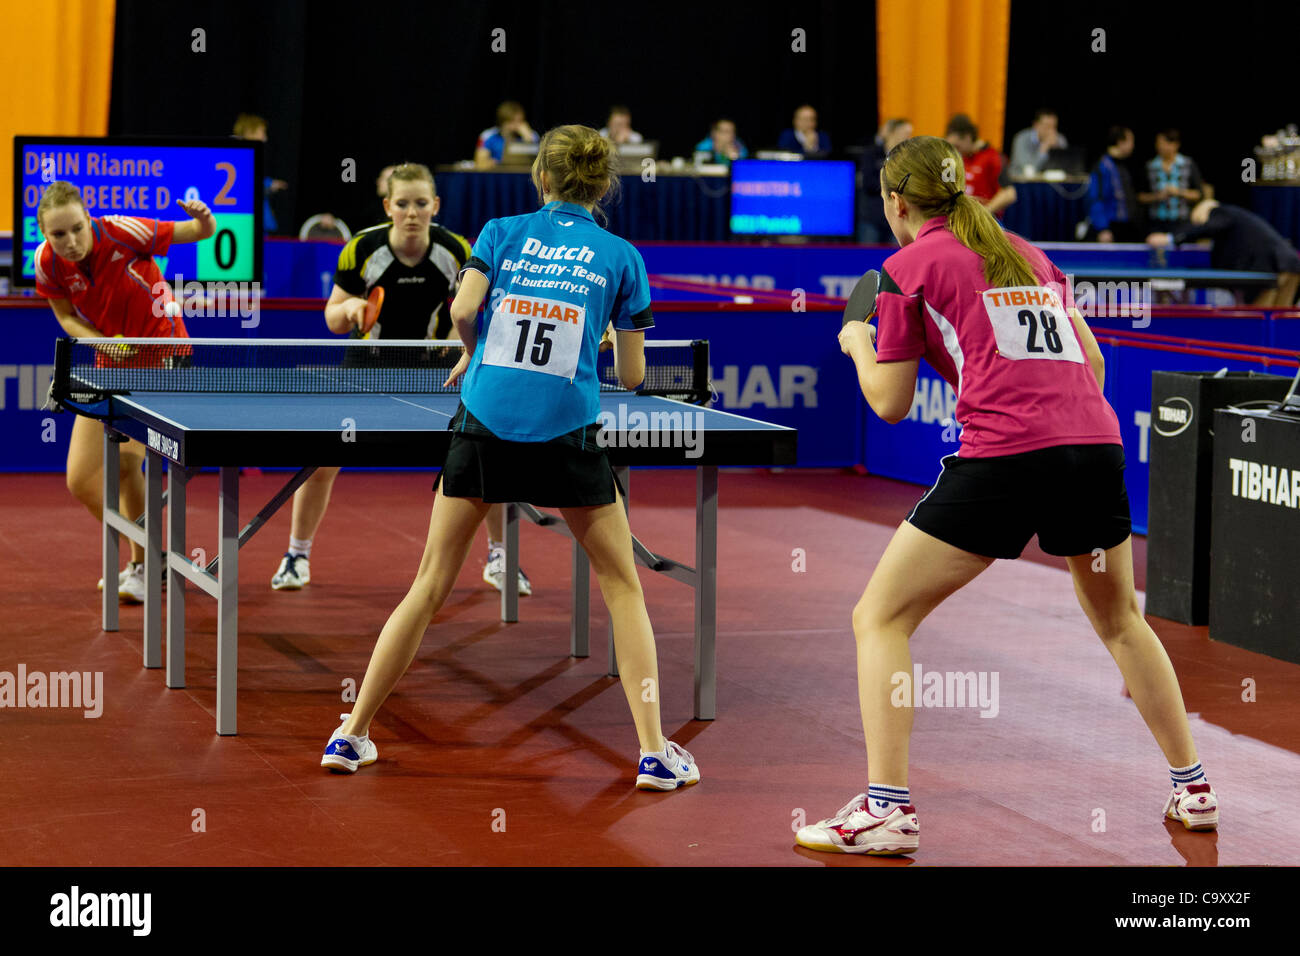 EINDHOVEN, Paesi Bassi, 03/03/2012. Panoramica di un signore raddoppia la corrispondenza alla Dutch table tennis Immagini Stock